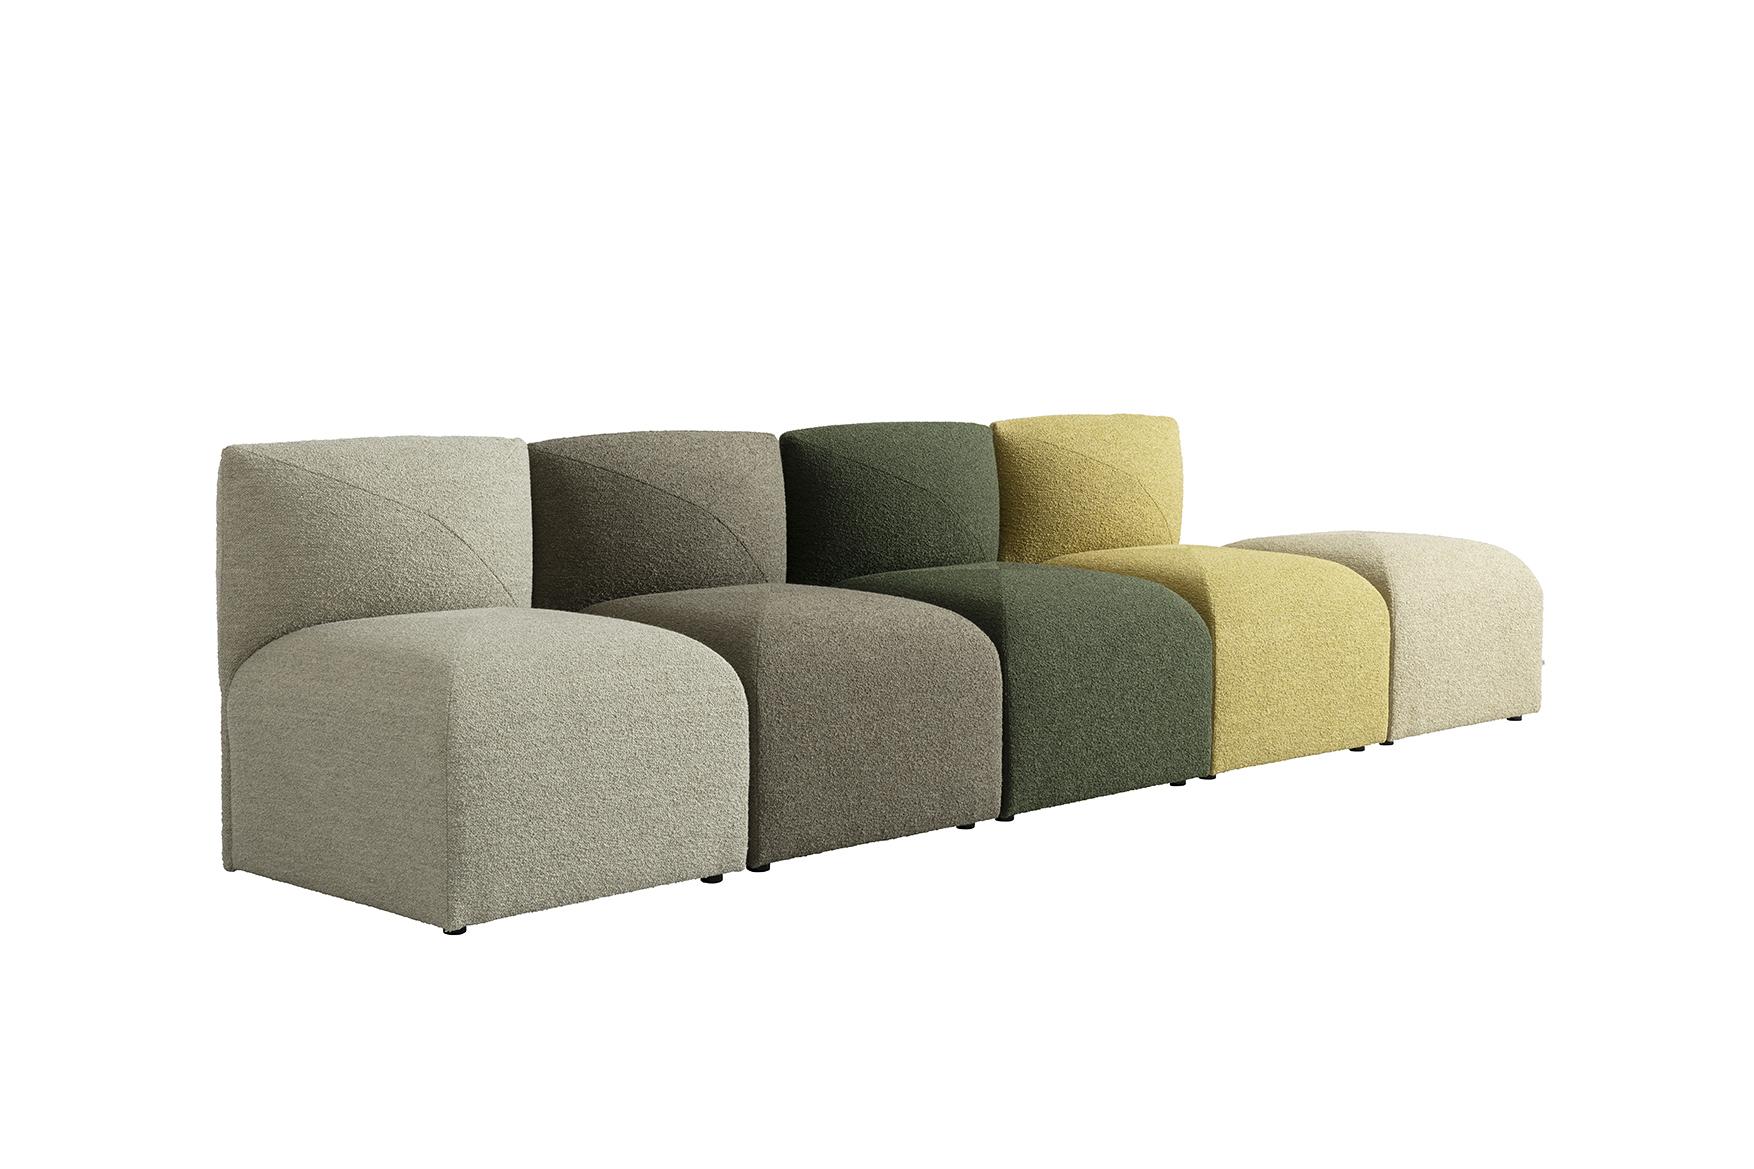 Blob mini modular sofa by Jonas Ihreborn